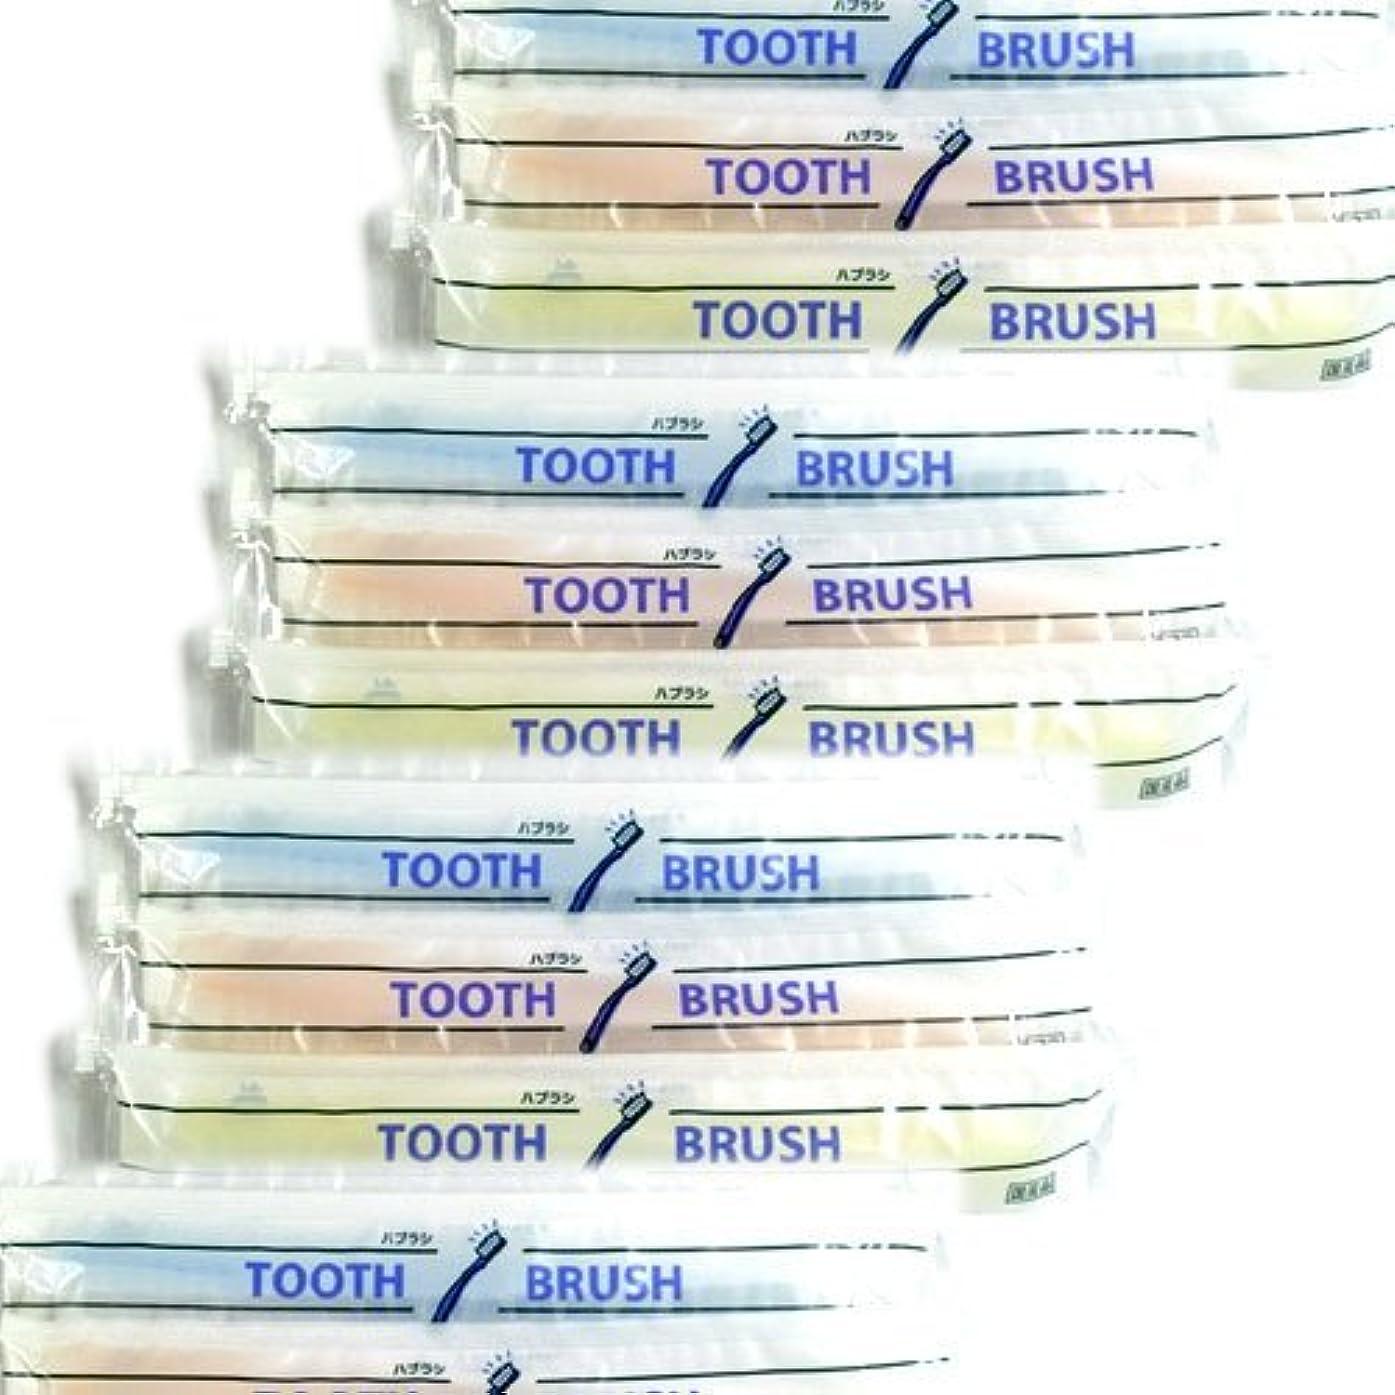 瀬戸際滅びる性交ホテルアメニティ 業務用 使い捨て(インスタント) 粉付き歯ブラシ × 20個セット